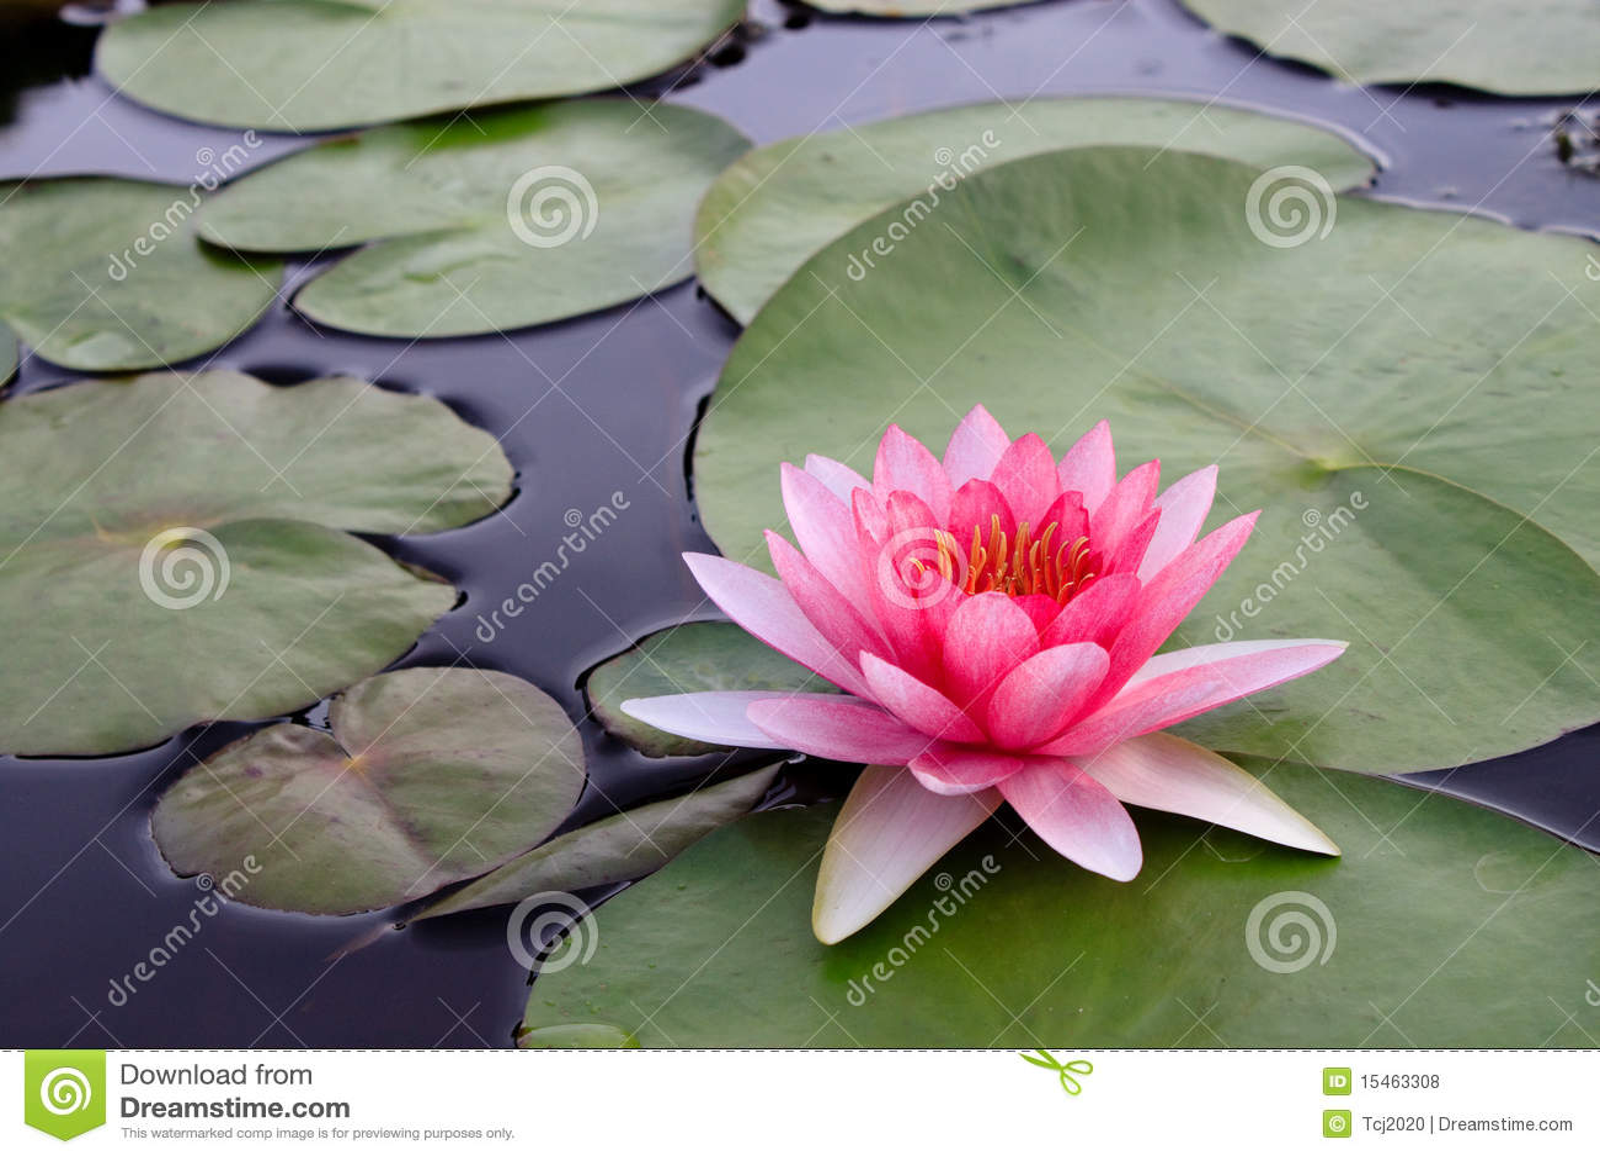 Beatiful Pink Lotus